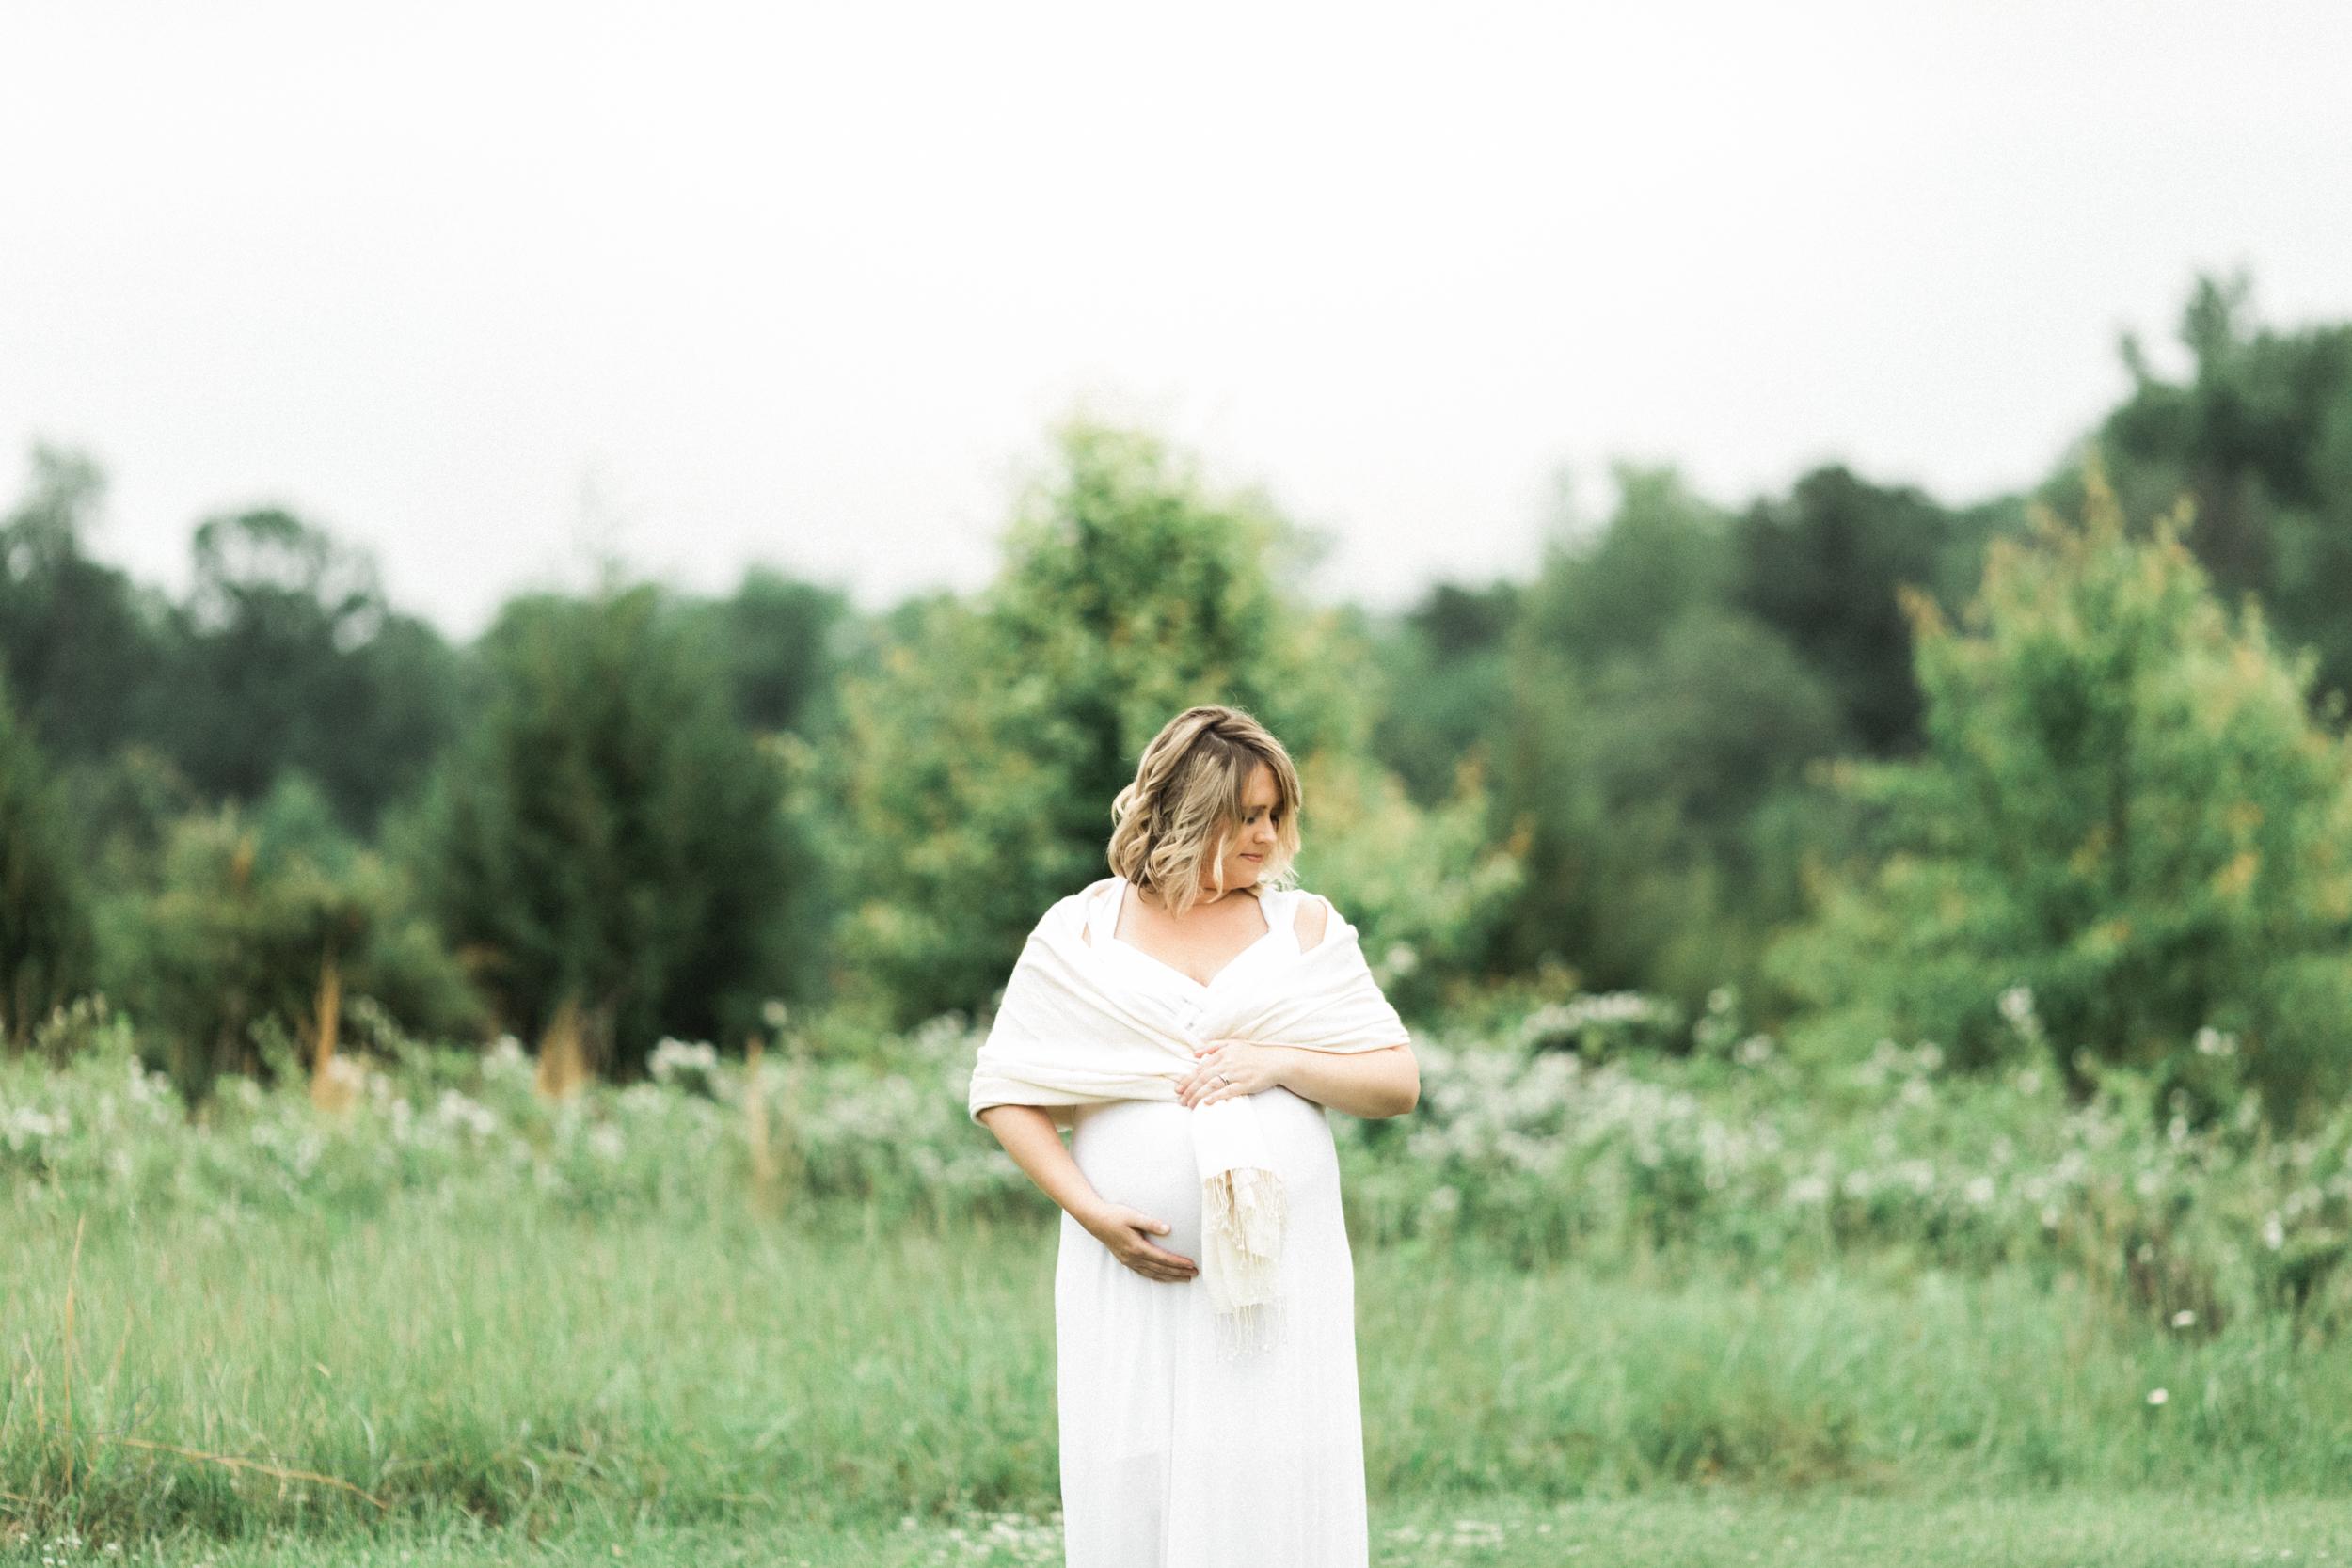 washington dc baby maternity photographer